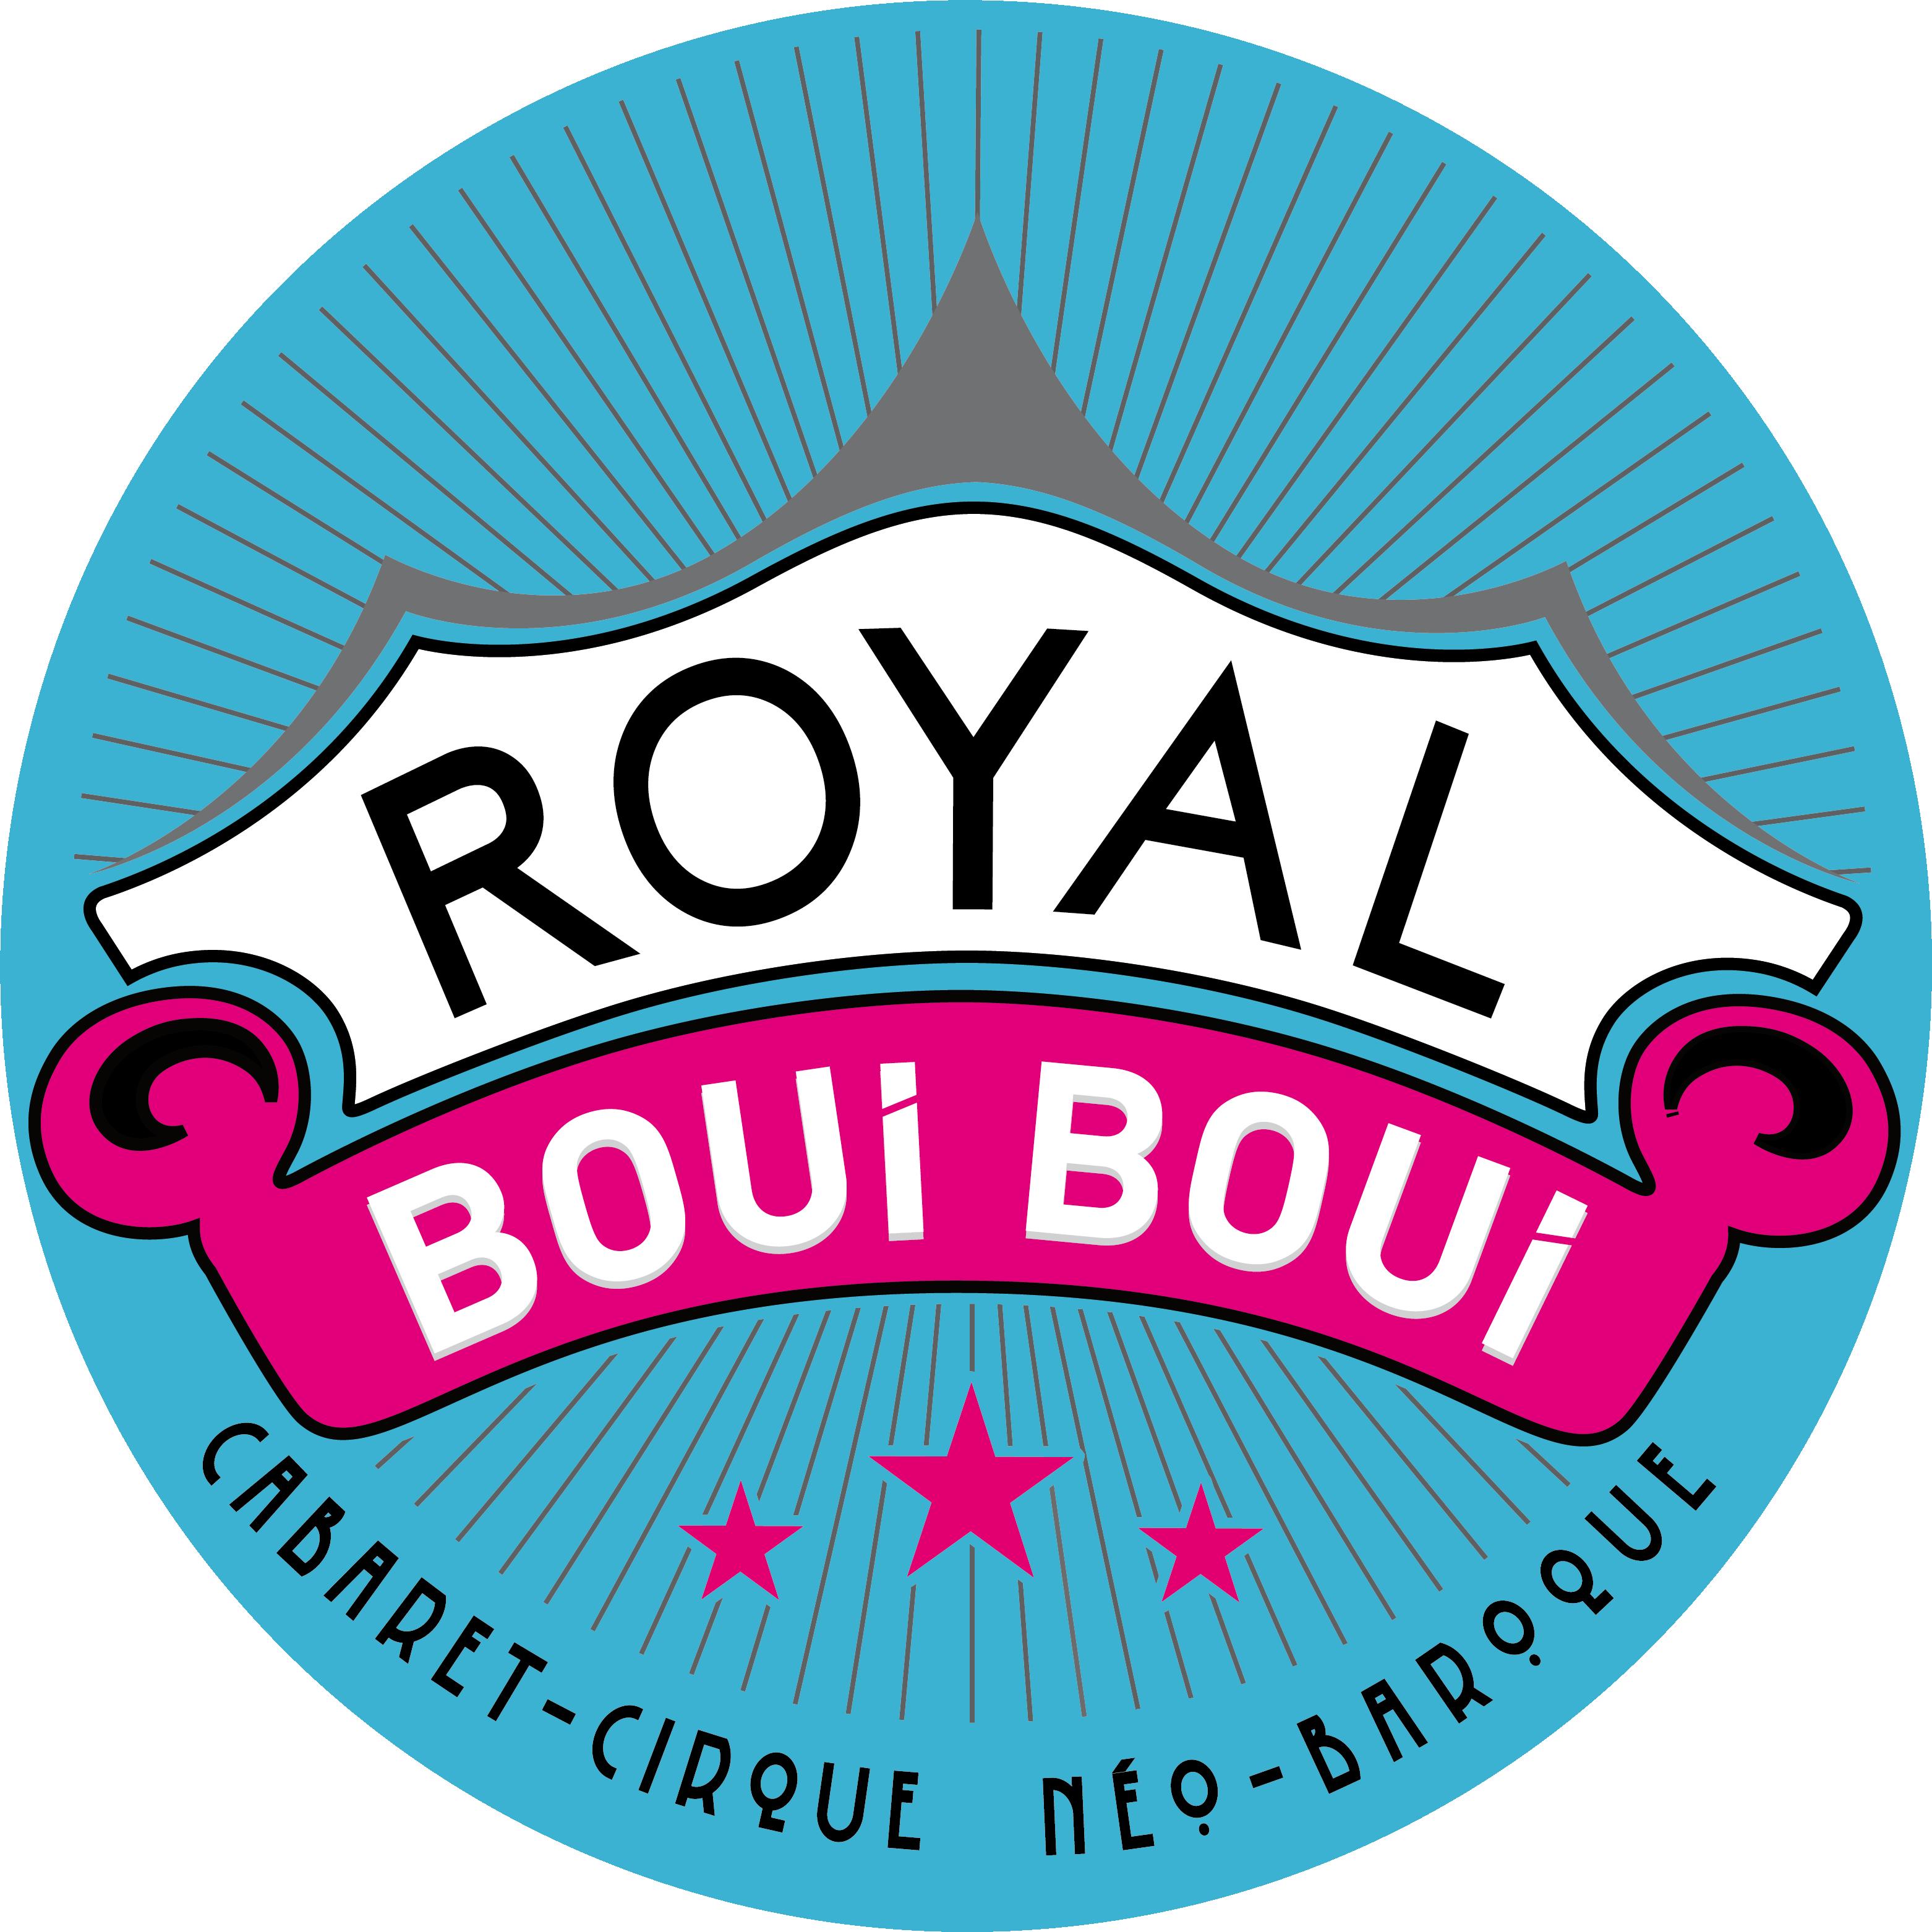 Royal Boui Boui